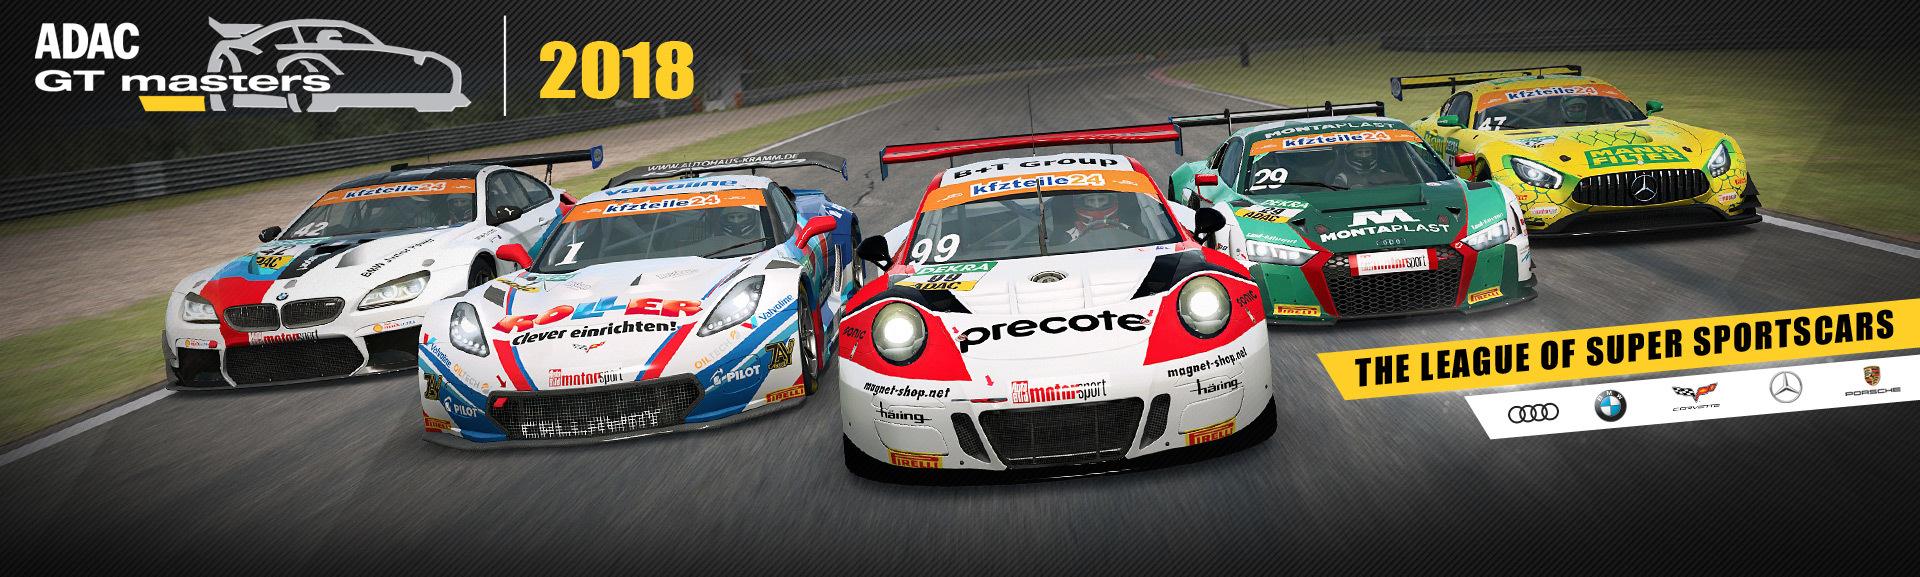 RaceRoom Racing Experience :: Групповые объявления